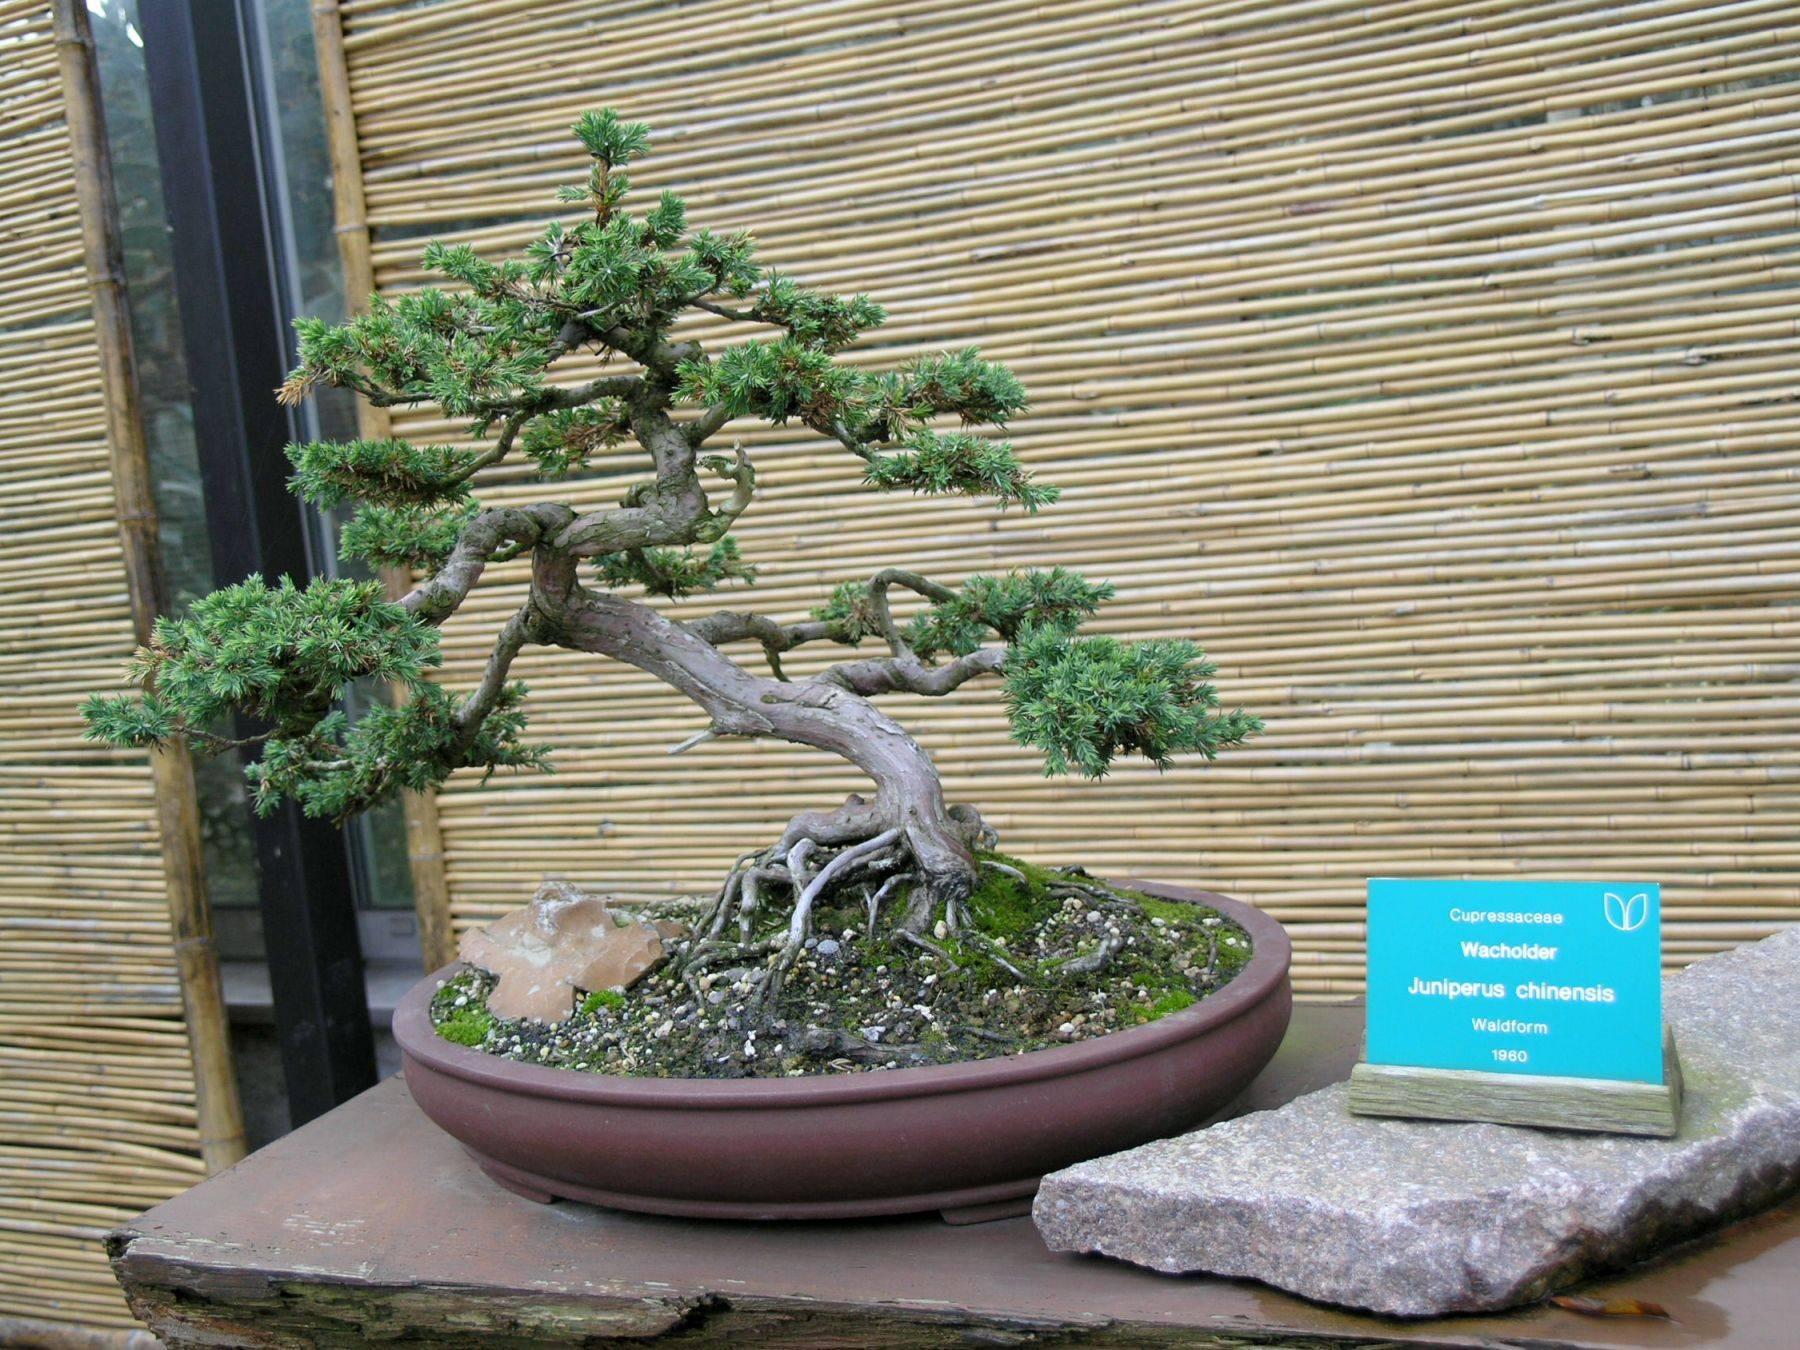 Как вырастить бонсай своими руками в саду: посадка, уход, формирование кроны